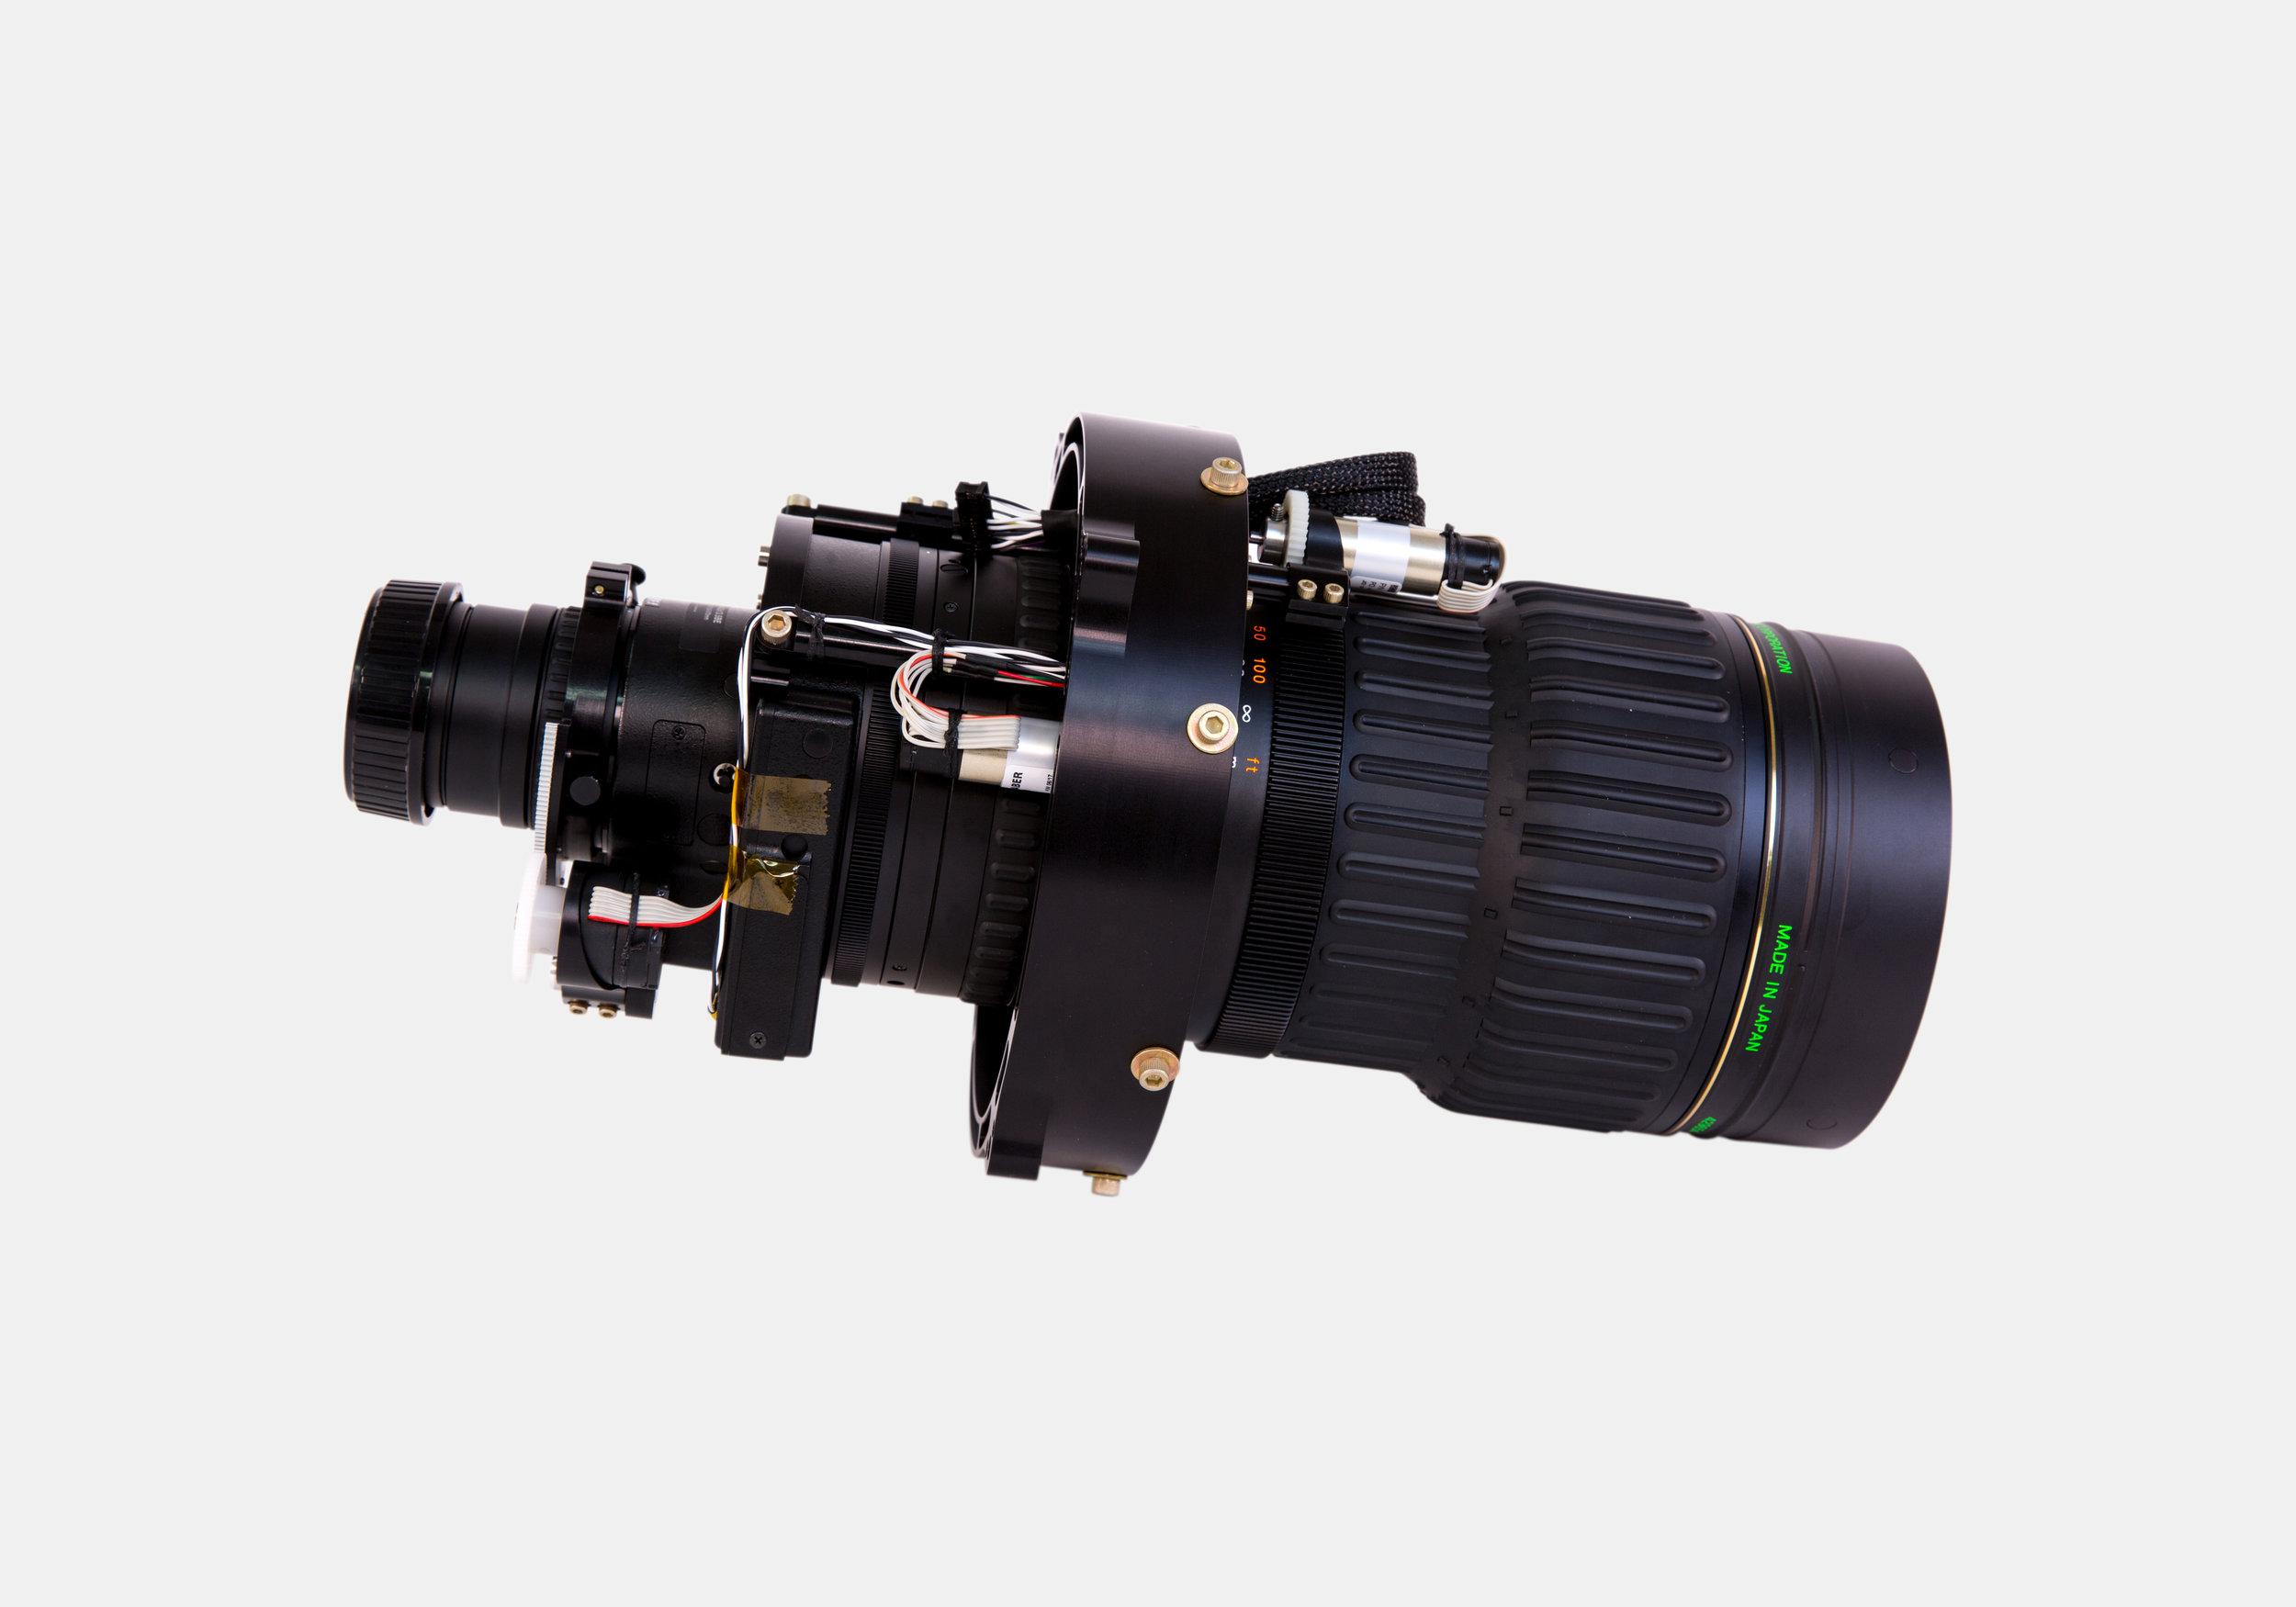 GSS-Broadcast-Lens-Kit-1.jpg